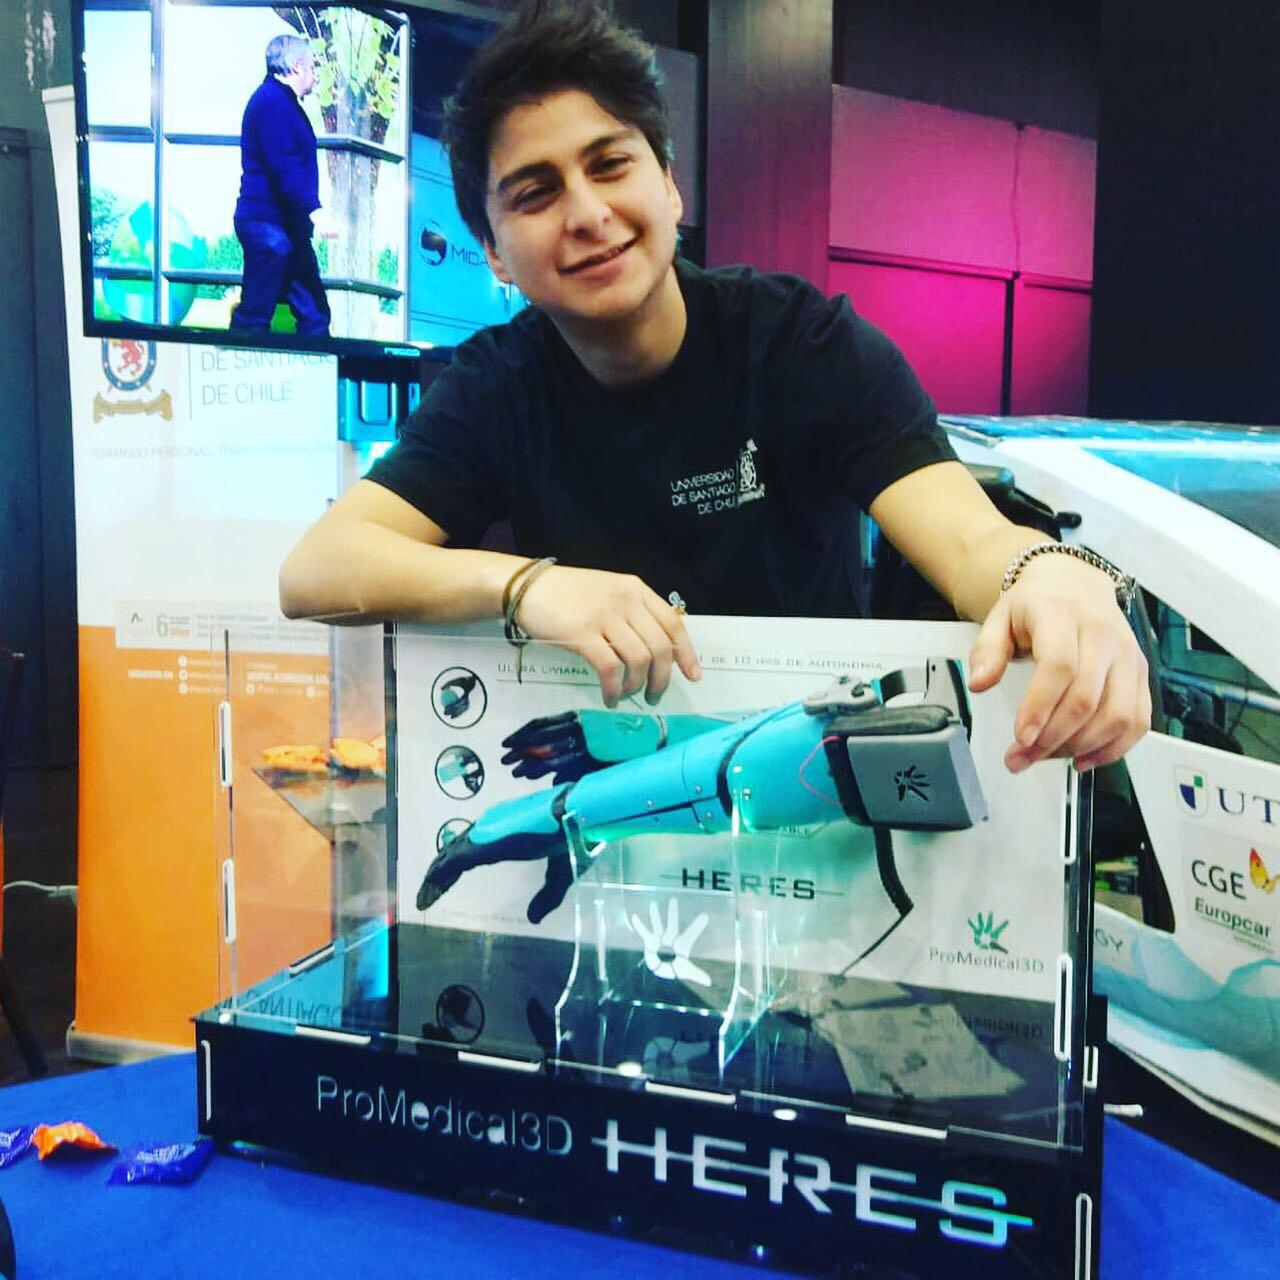 Leind participa en feria robótica con su grupo de makers, mostrando proyectos tecnológicos desarrollados por sus estudiantes